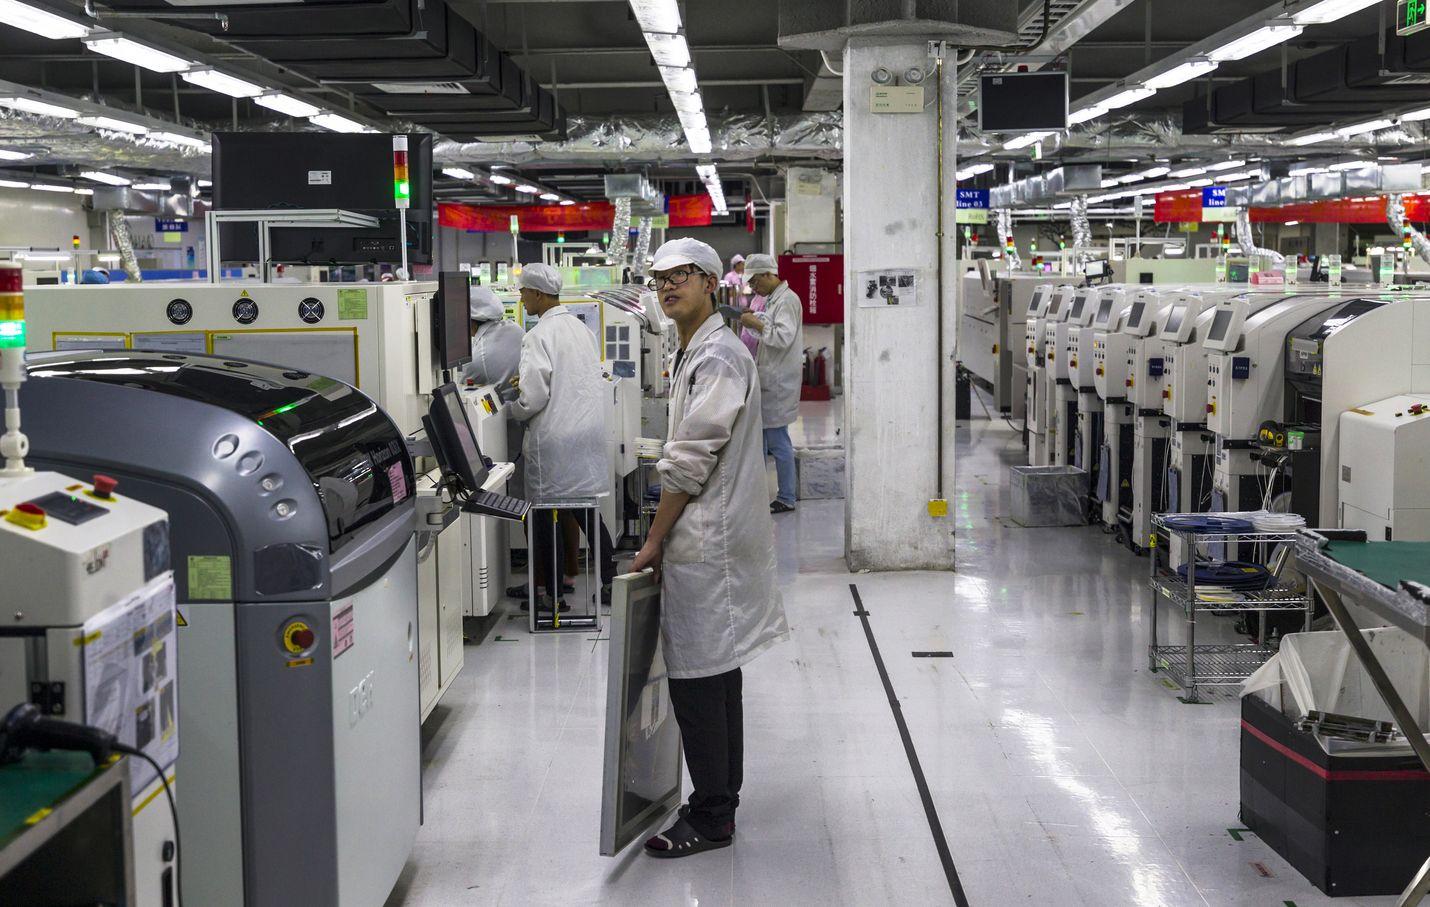 Foxconnin tehdas Kiinan Guiyangissa valmistaa osia Applen ja muiden johtavien IT-yritysten laitteisiin. Tuotantoketjut voivat häiriintyä, kun Foxconn saattaa pidentää tehtaiden sulkua käynnissä olevan koronavirusepidemian takia.